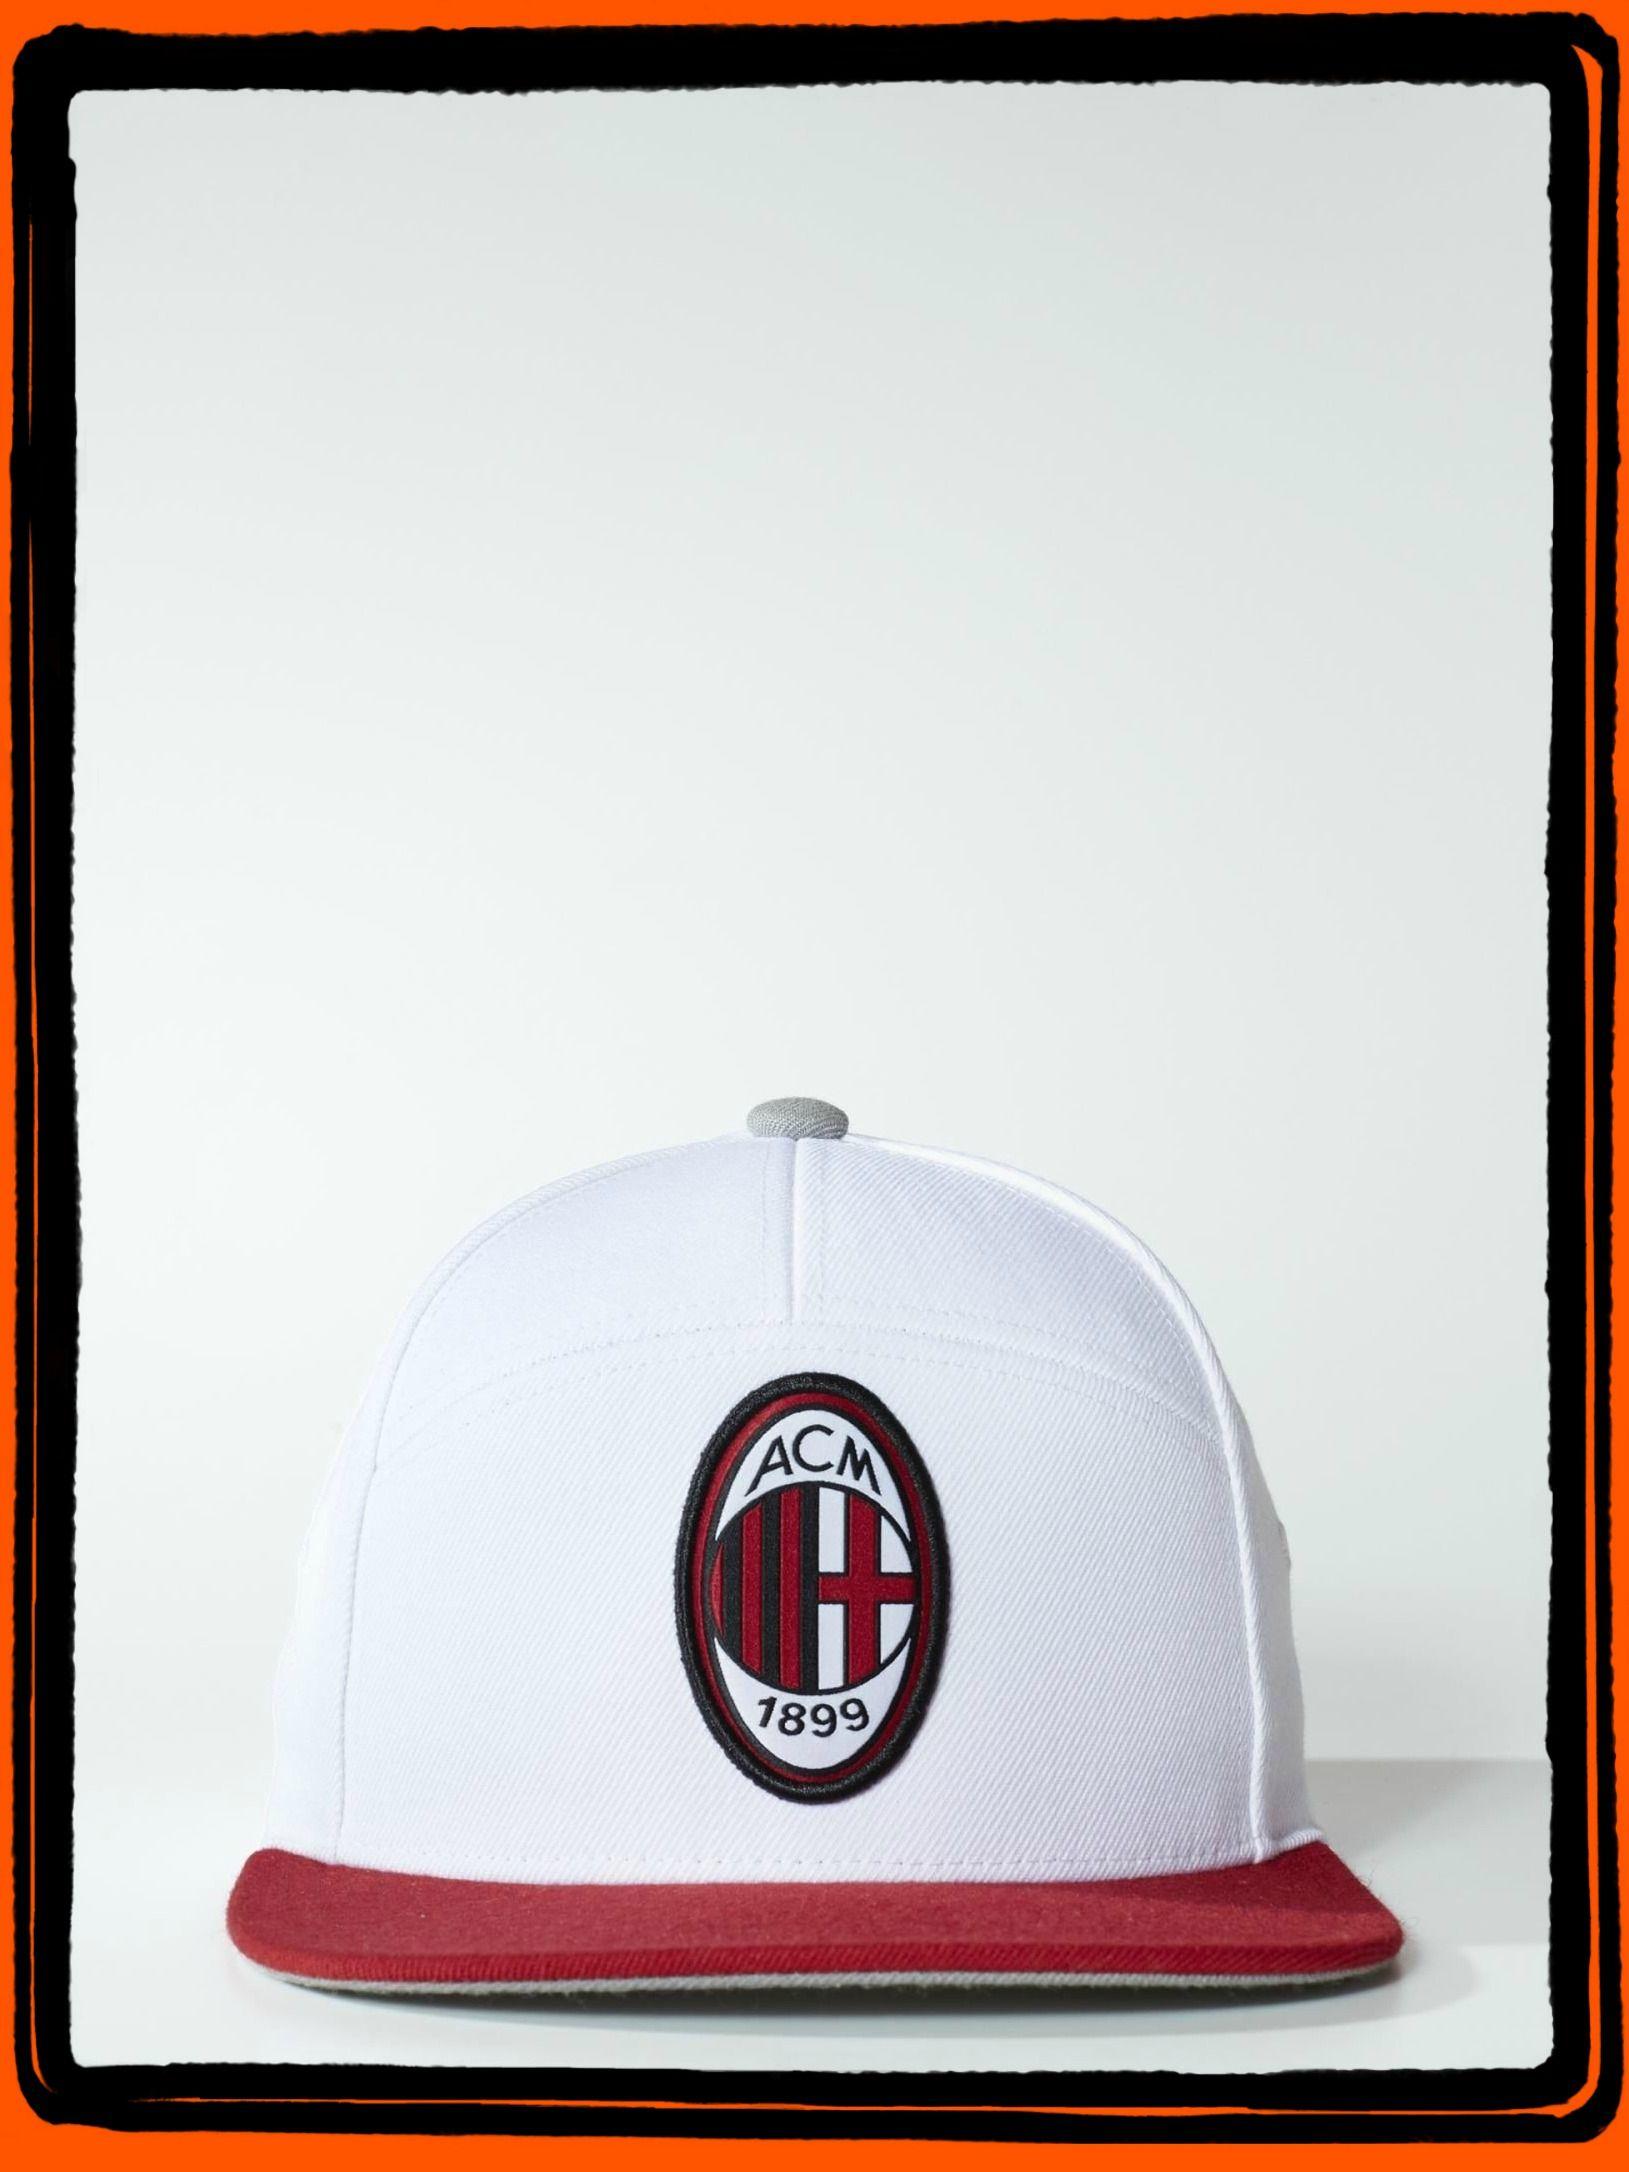 Gorra Plana Adidas Ac Milan Producto Original Ref. AA3031 Precio   69.900  Tienda aliada  tribunaverdeofc Envío gratis en productos seleccionados 85371899ead